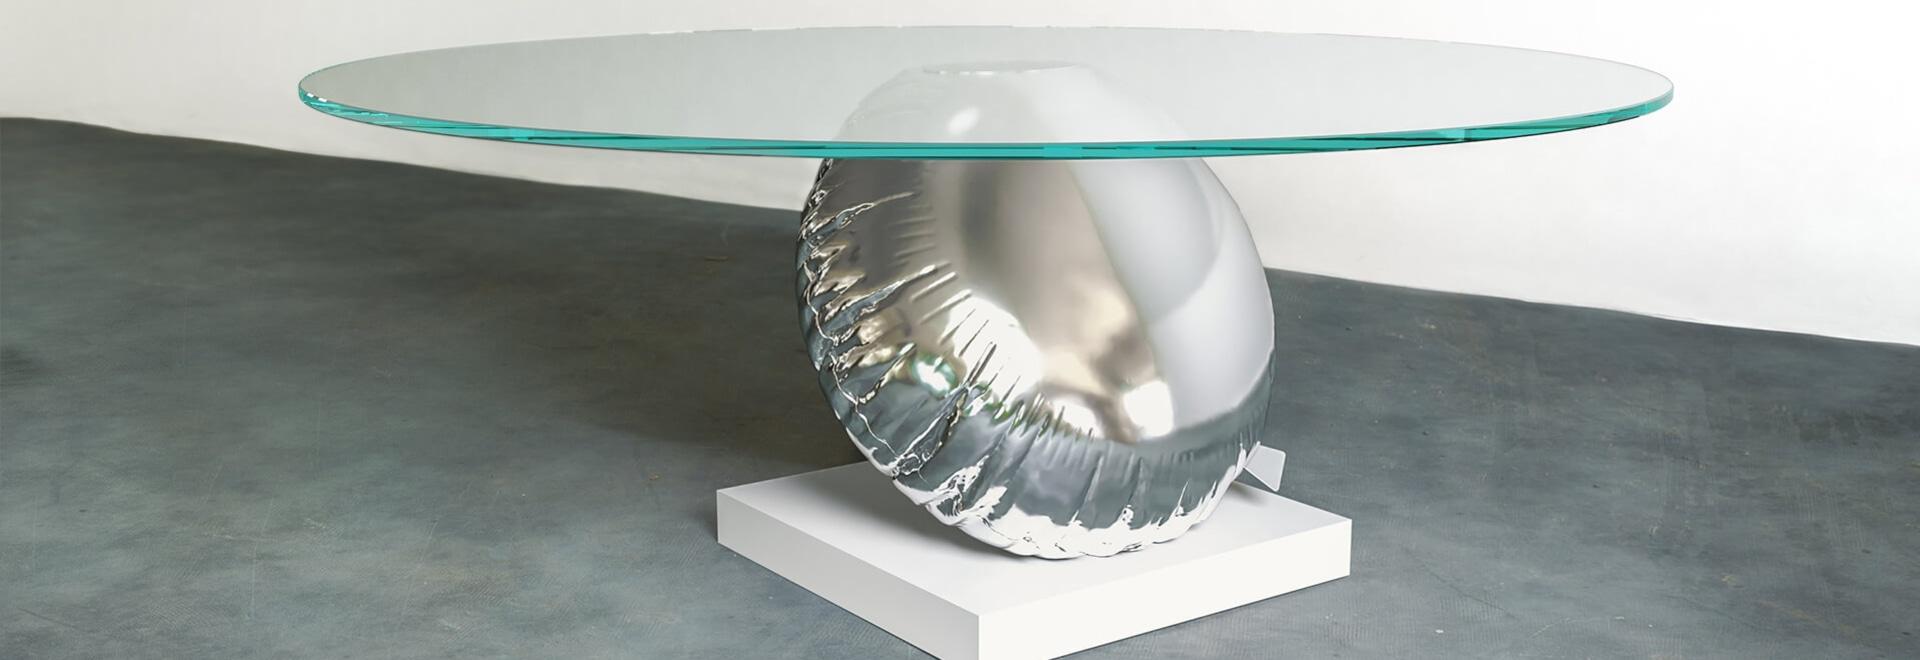 Tabella di Duffy London Has Designed A che è un'interpretazione allegra di galleggiabilità e di equilibrio